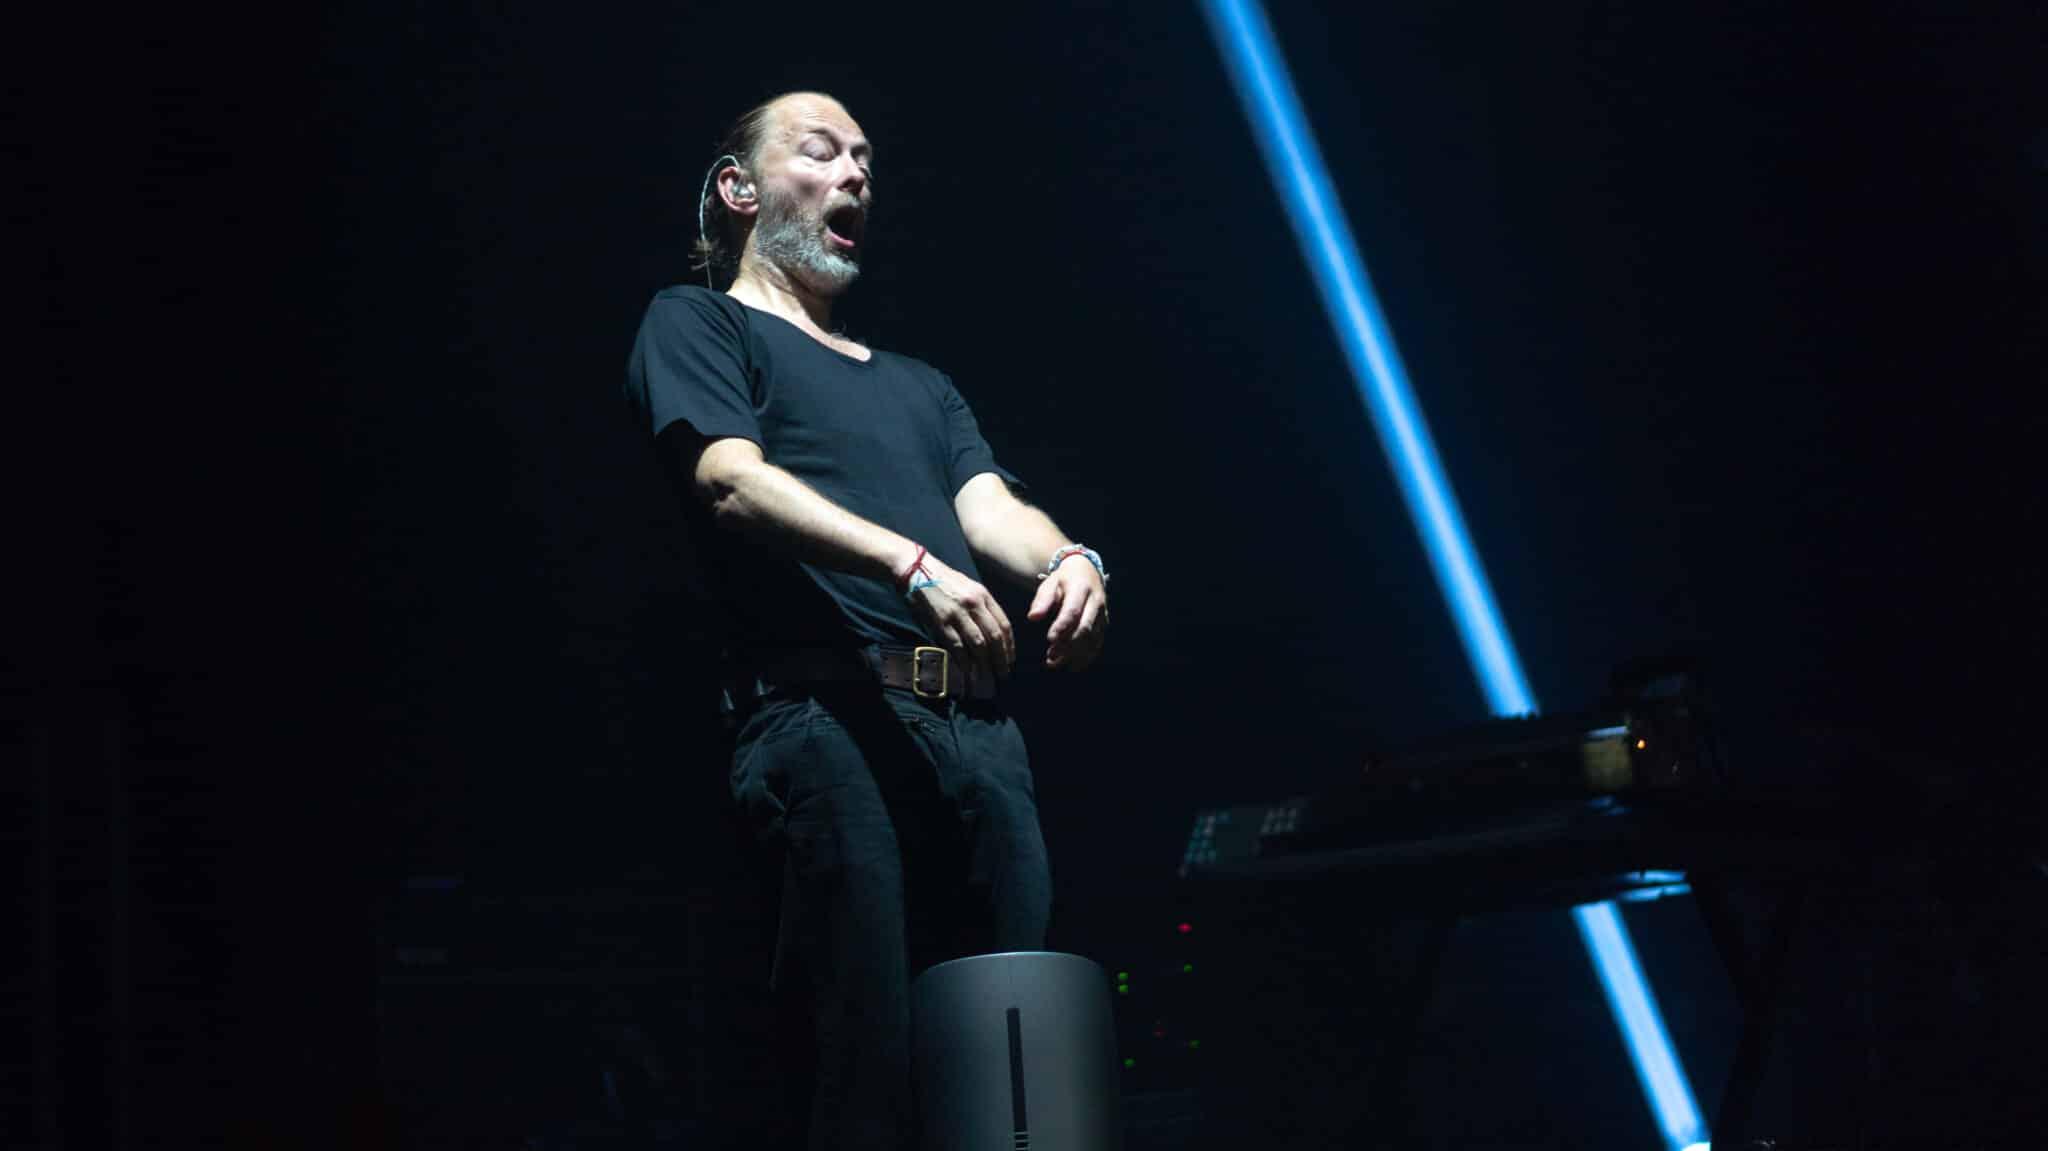 radiohead on stage